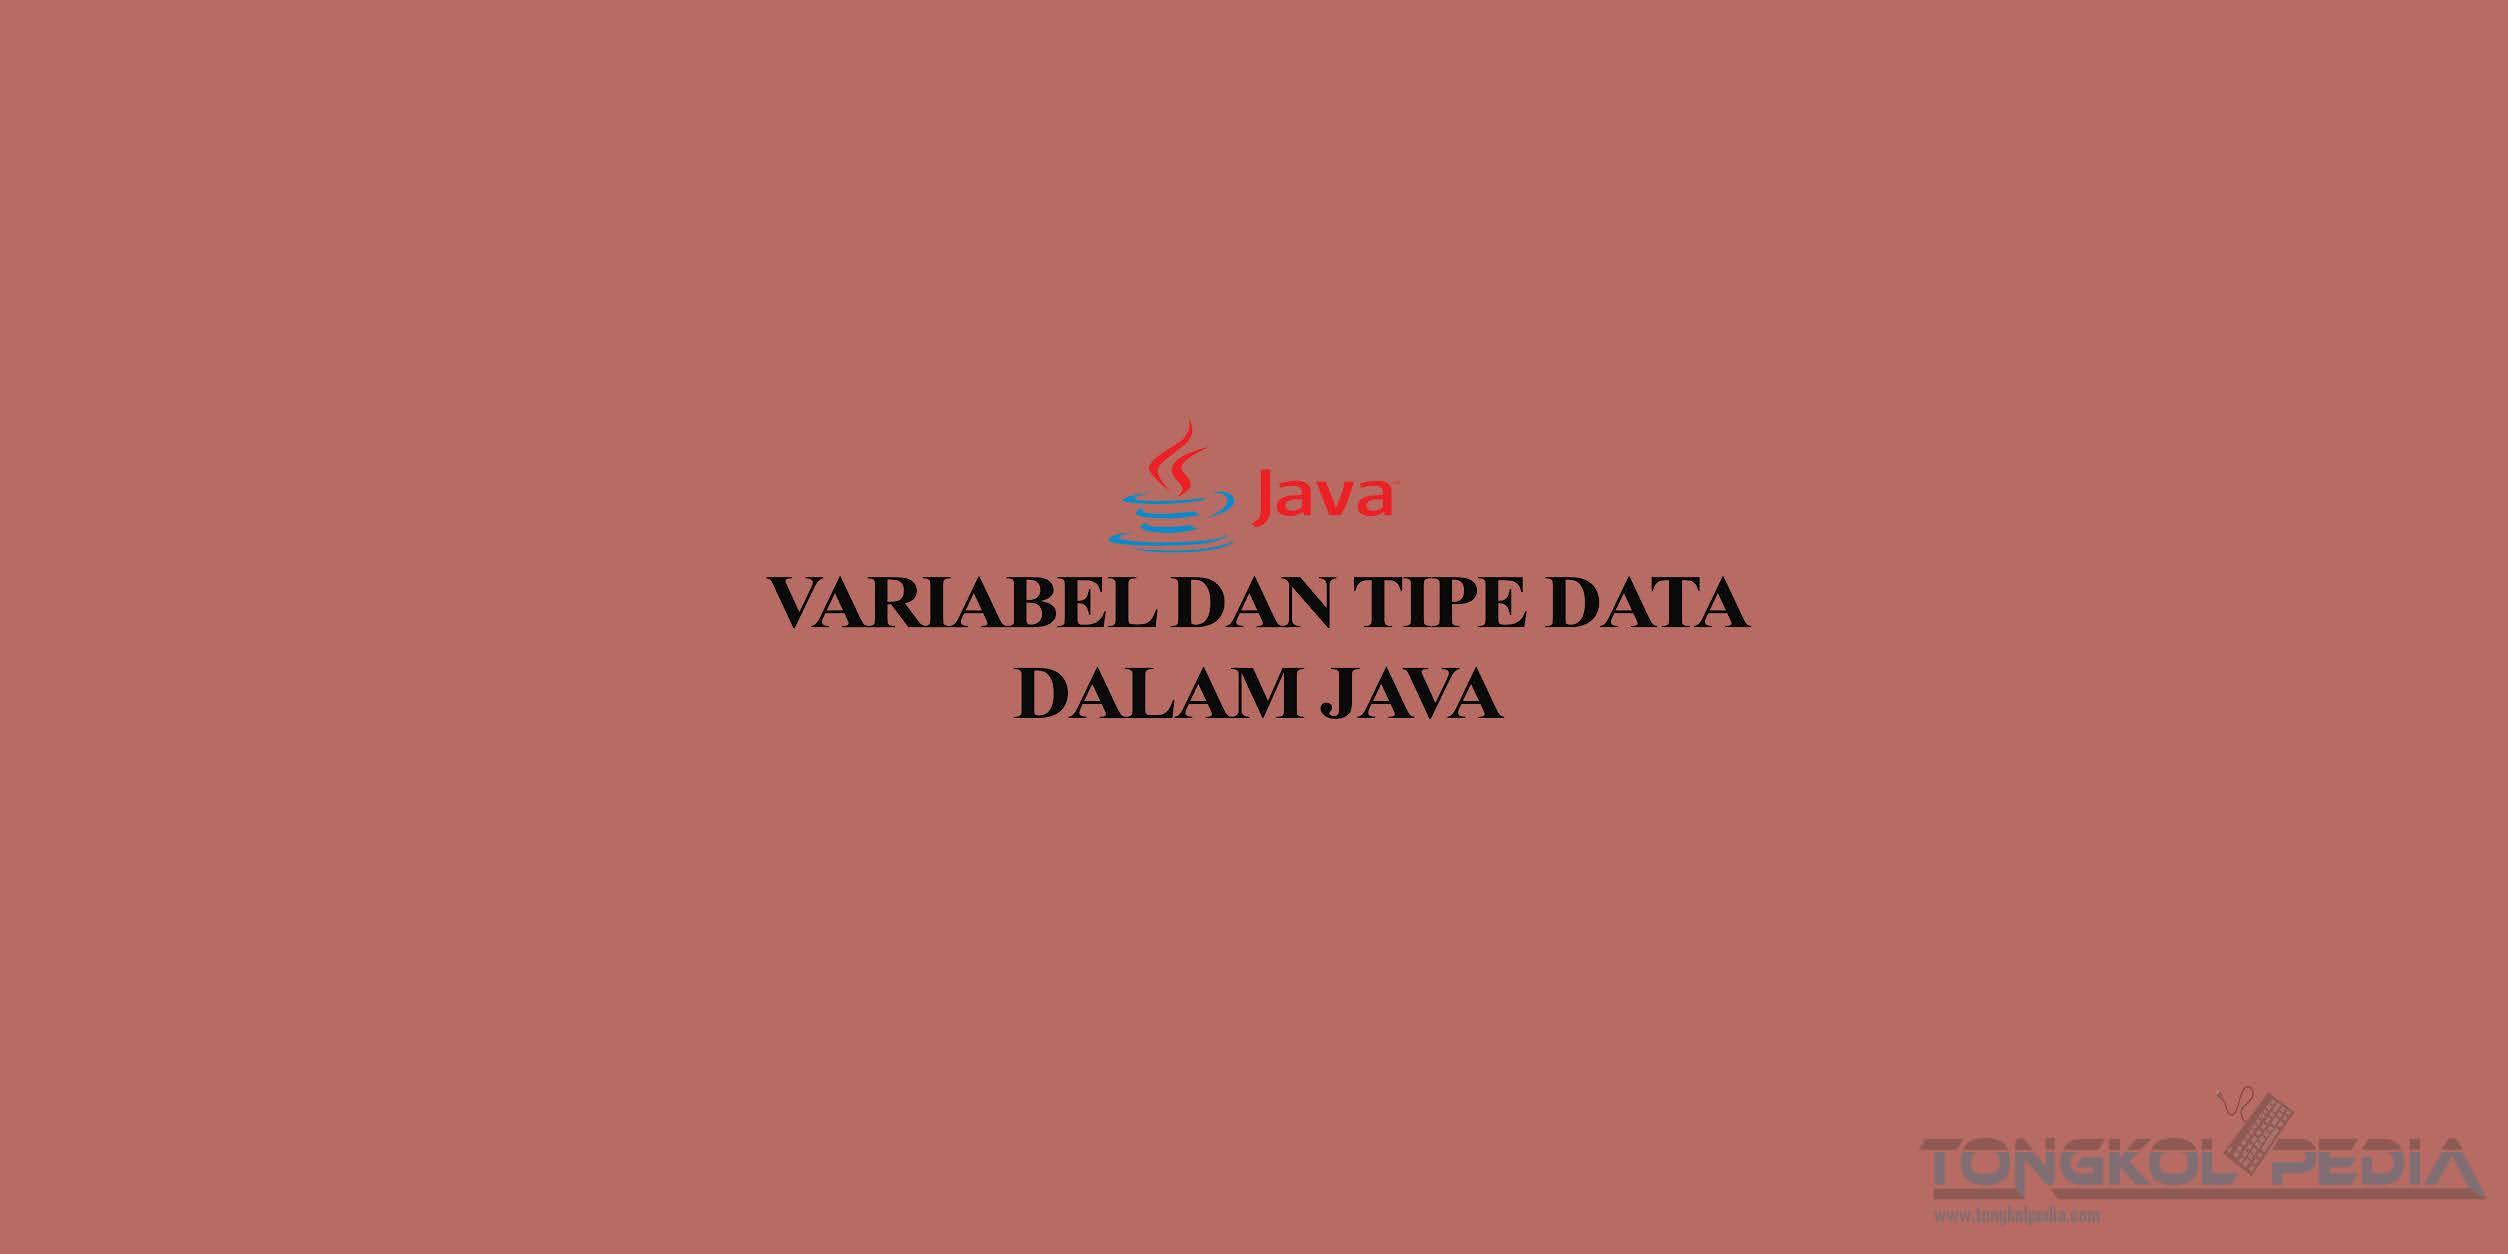 Variabel dan Tipe Data Dalam Java